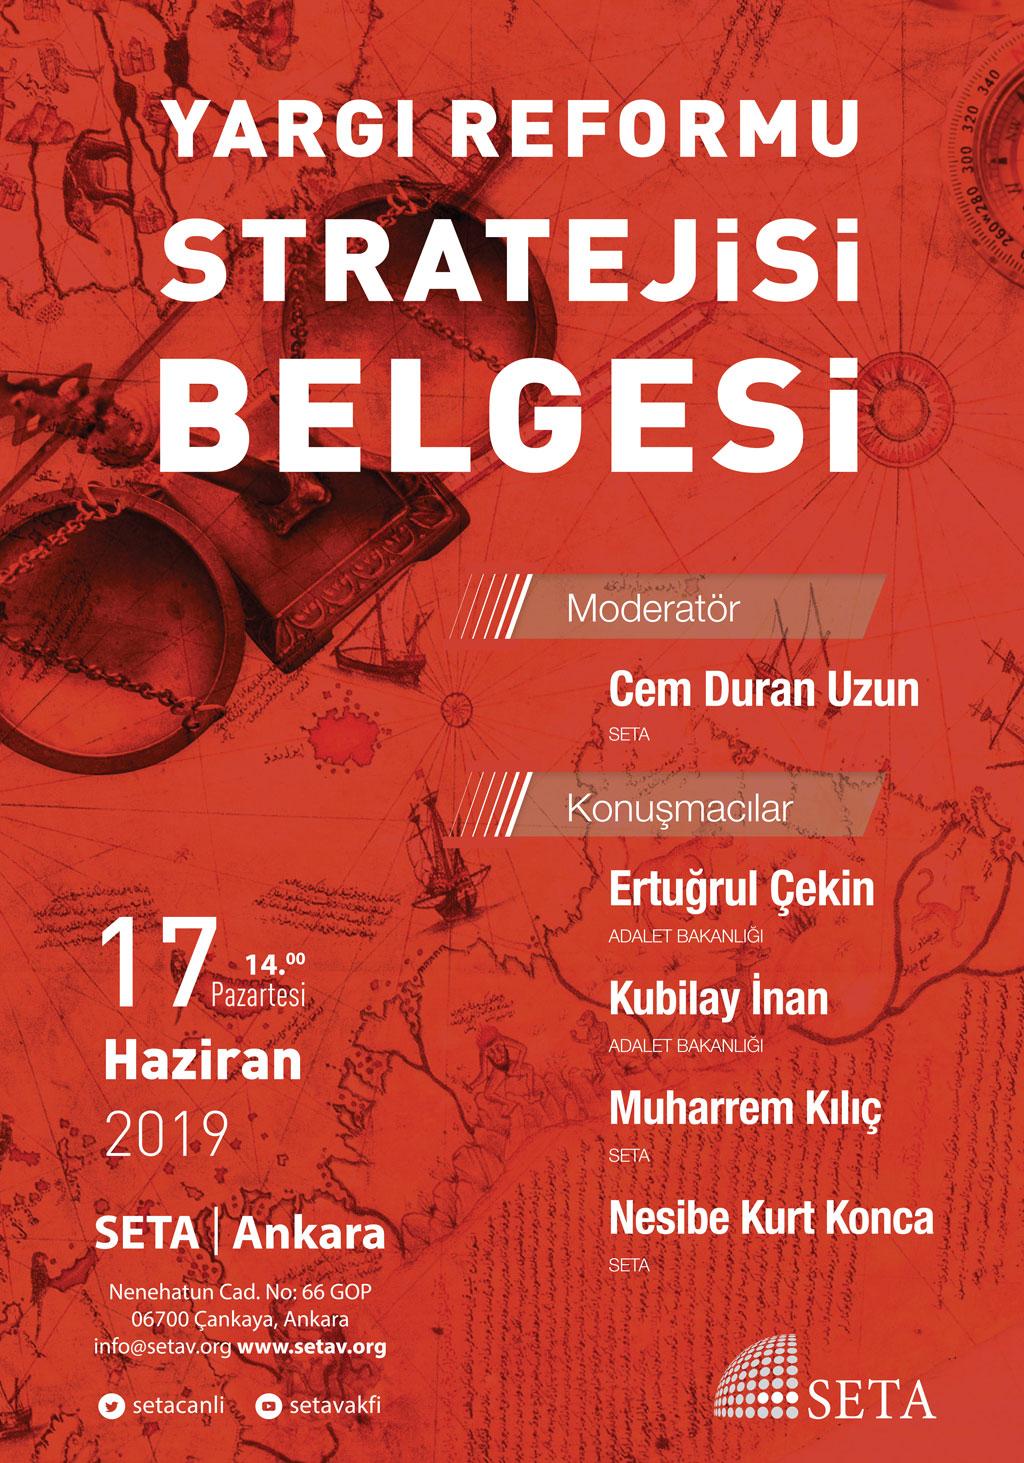 Yargı Reformu Stratejisi Belgesi